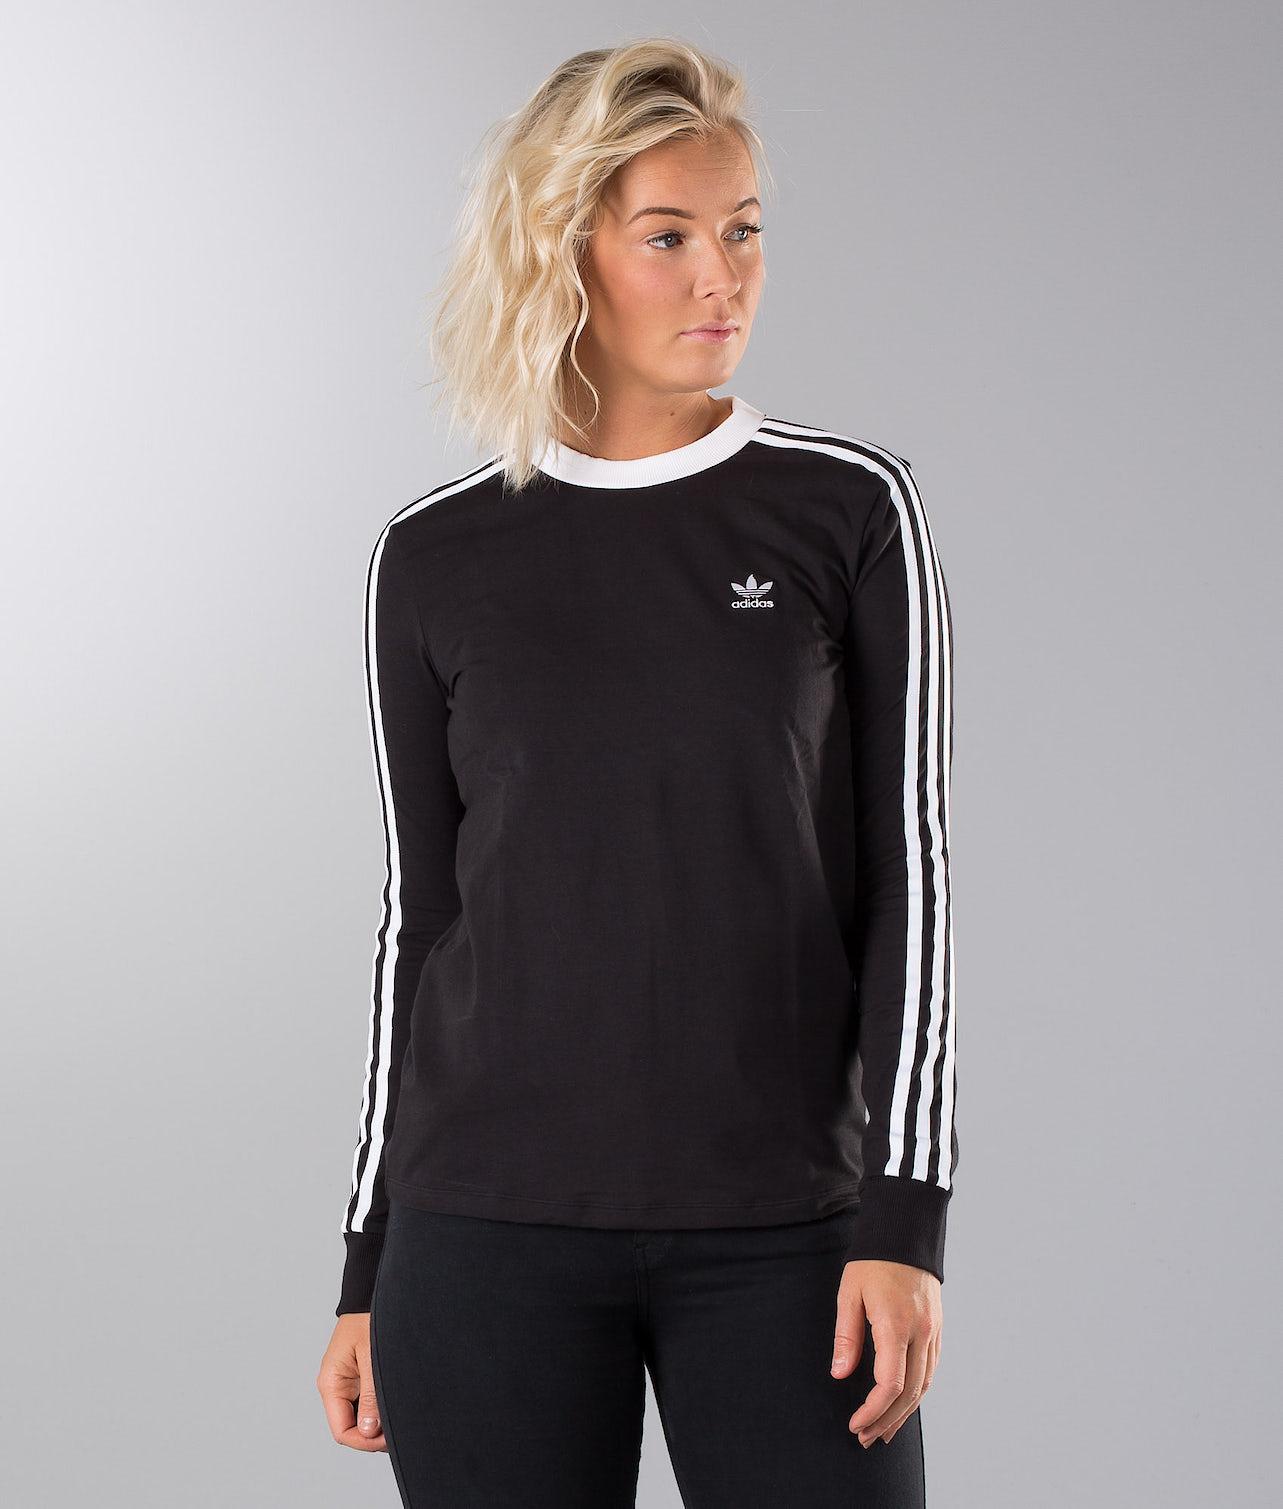 3-Stripes | Achète des Longsleeve de chez Adidas Originals sur Ridestore.fr | Bien-sûr, les frais de ports sont offerts et les retours gratuits pendant 30 jours !